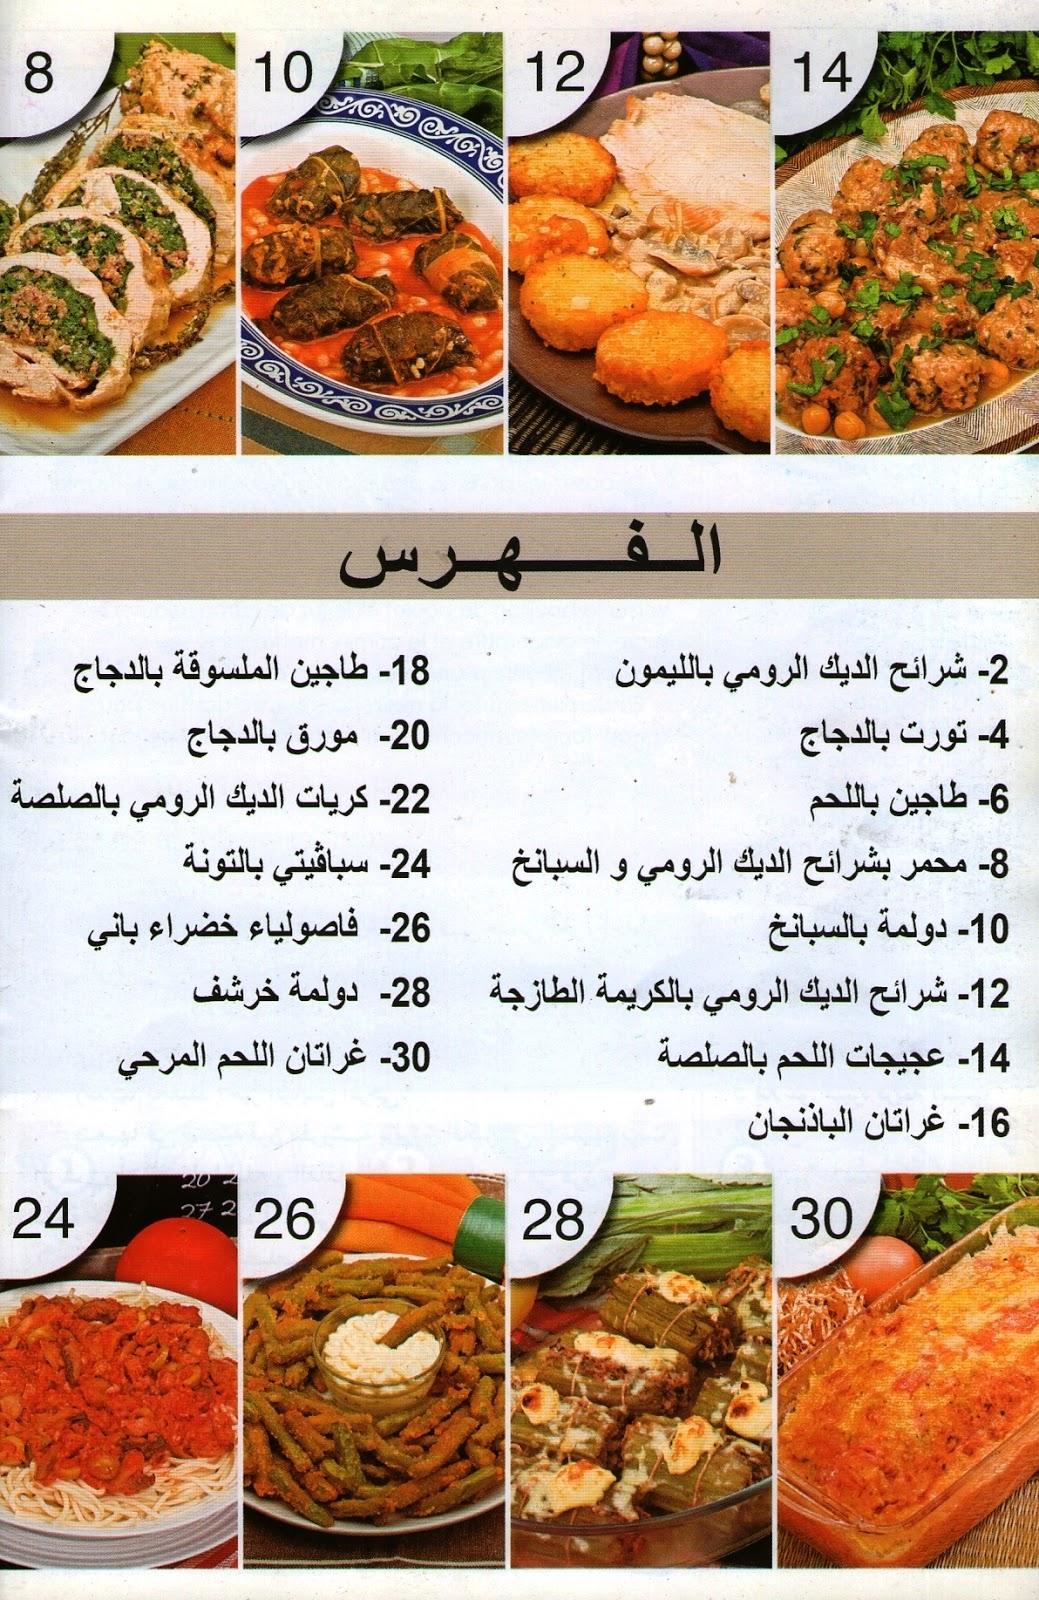 livre cuisine lella plats varies تحميل كتب الطبخ